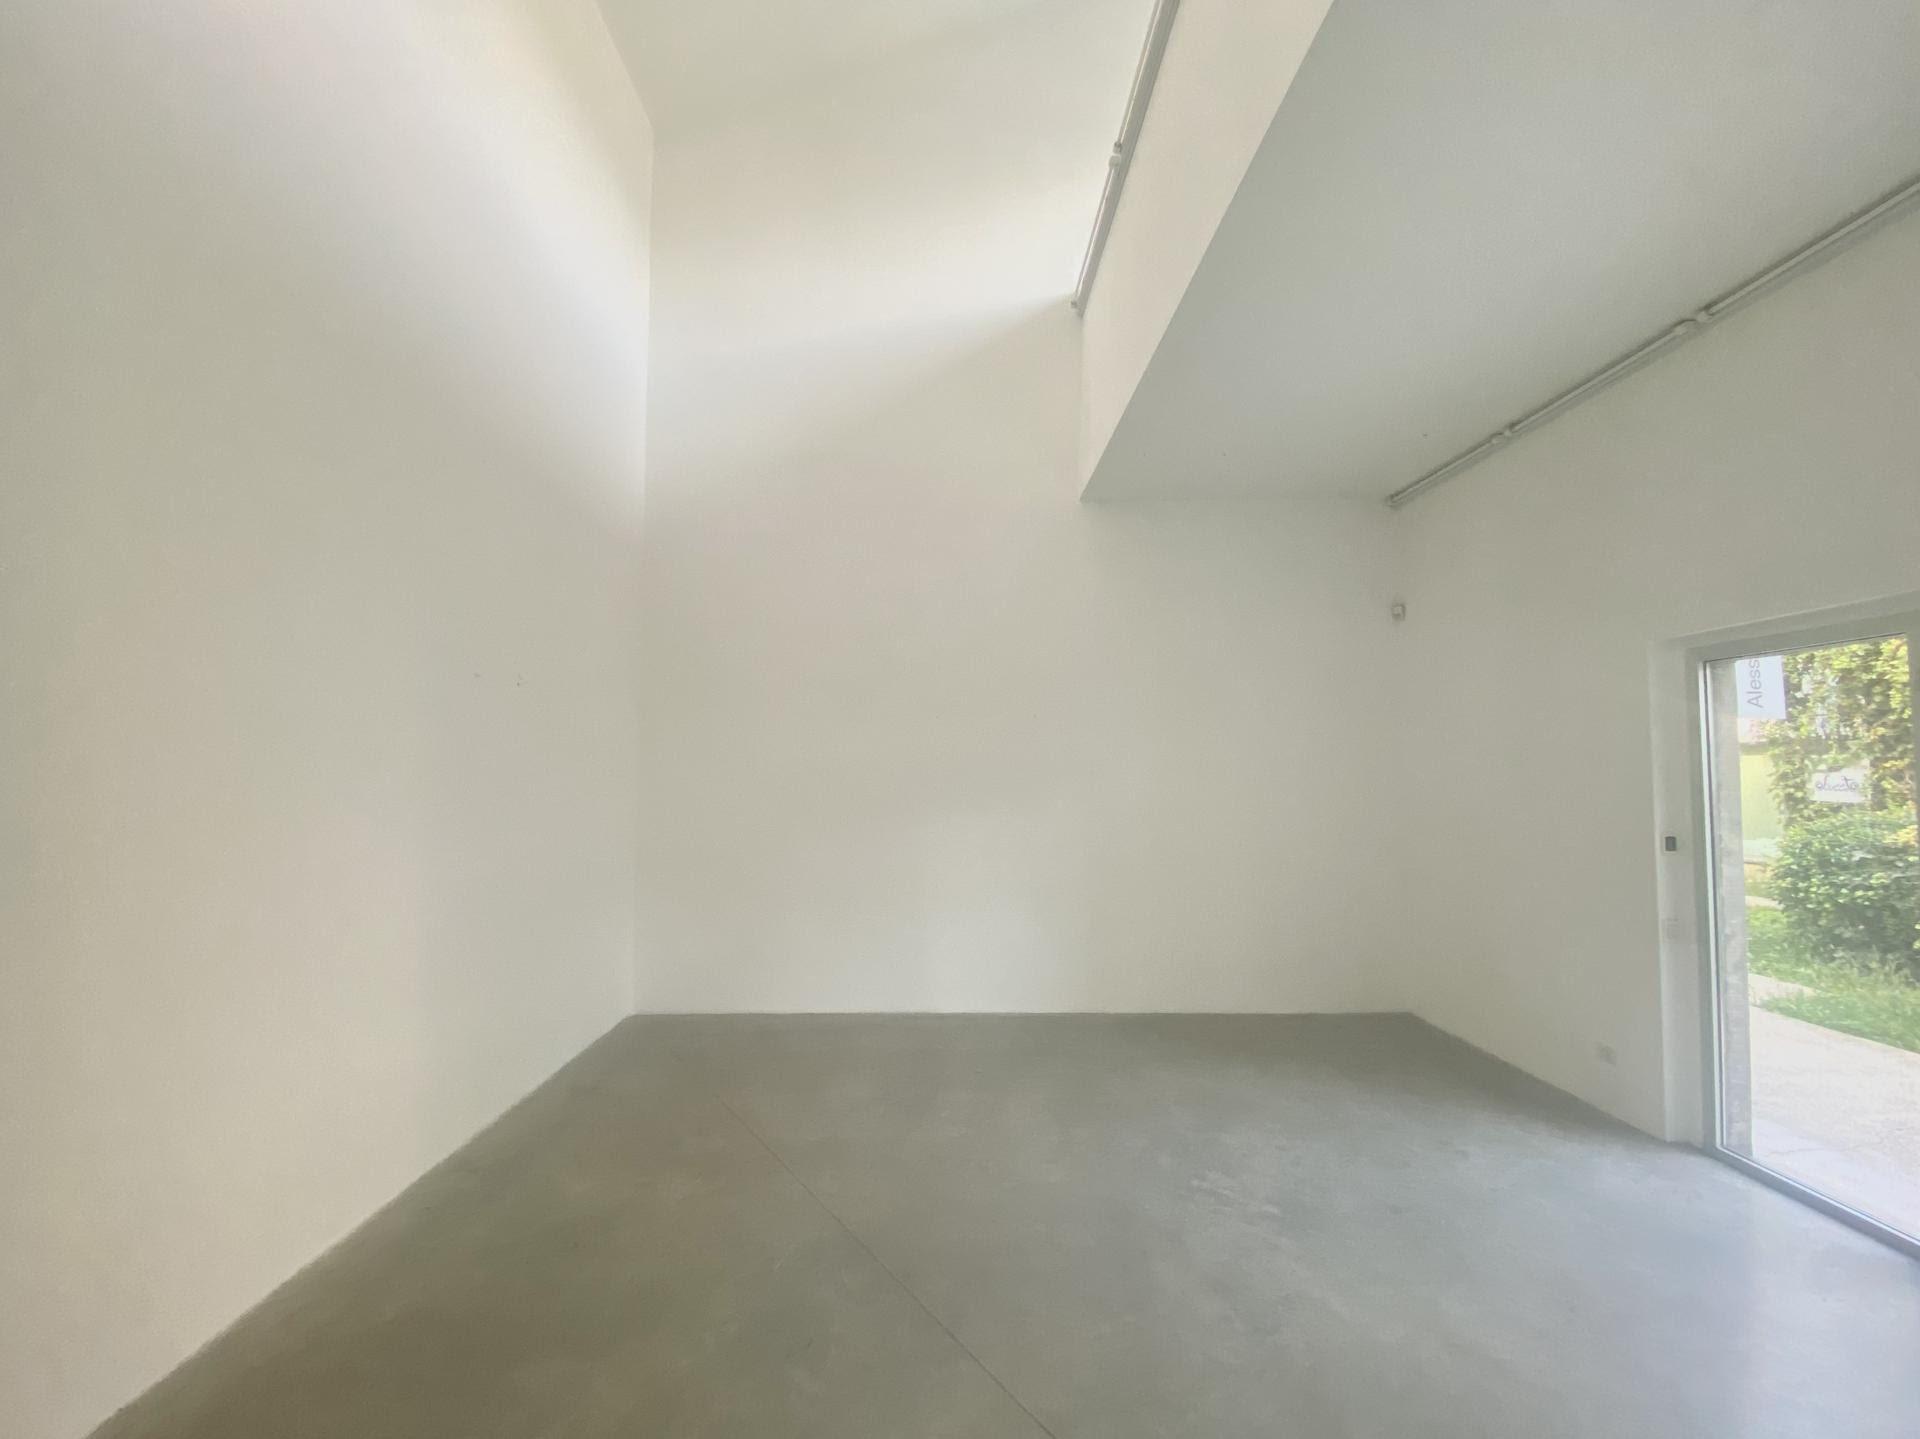 Boccanera Gallery Trento e Galleria Doris Ghetta Ortisei aprono un nuovo spazio a Milano Lambrate